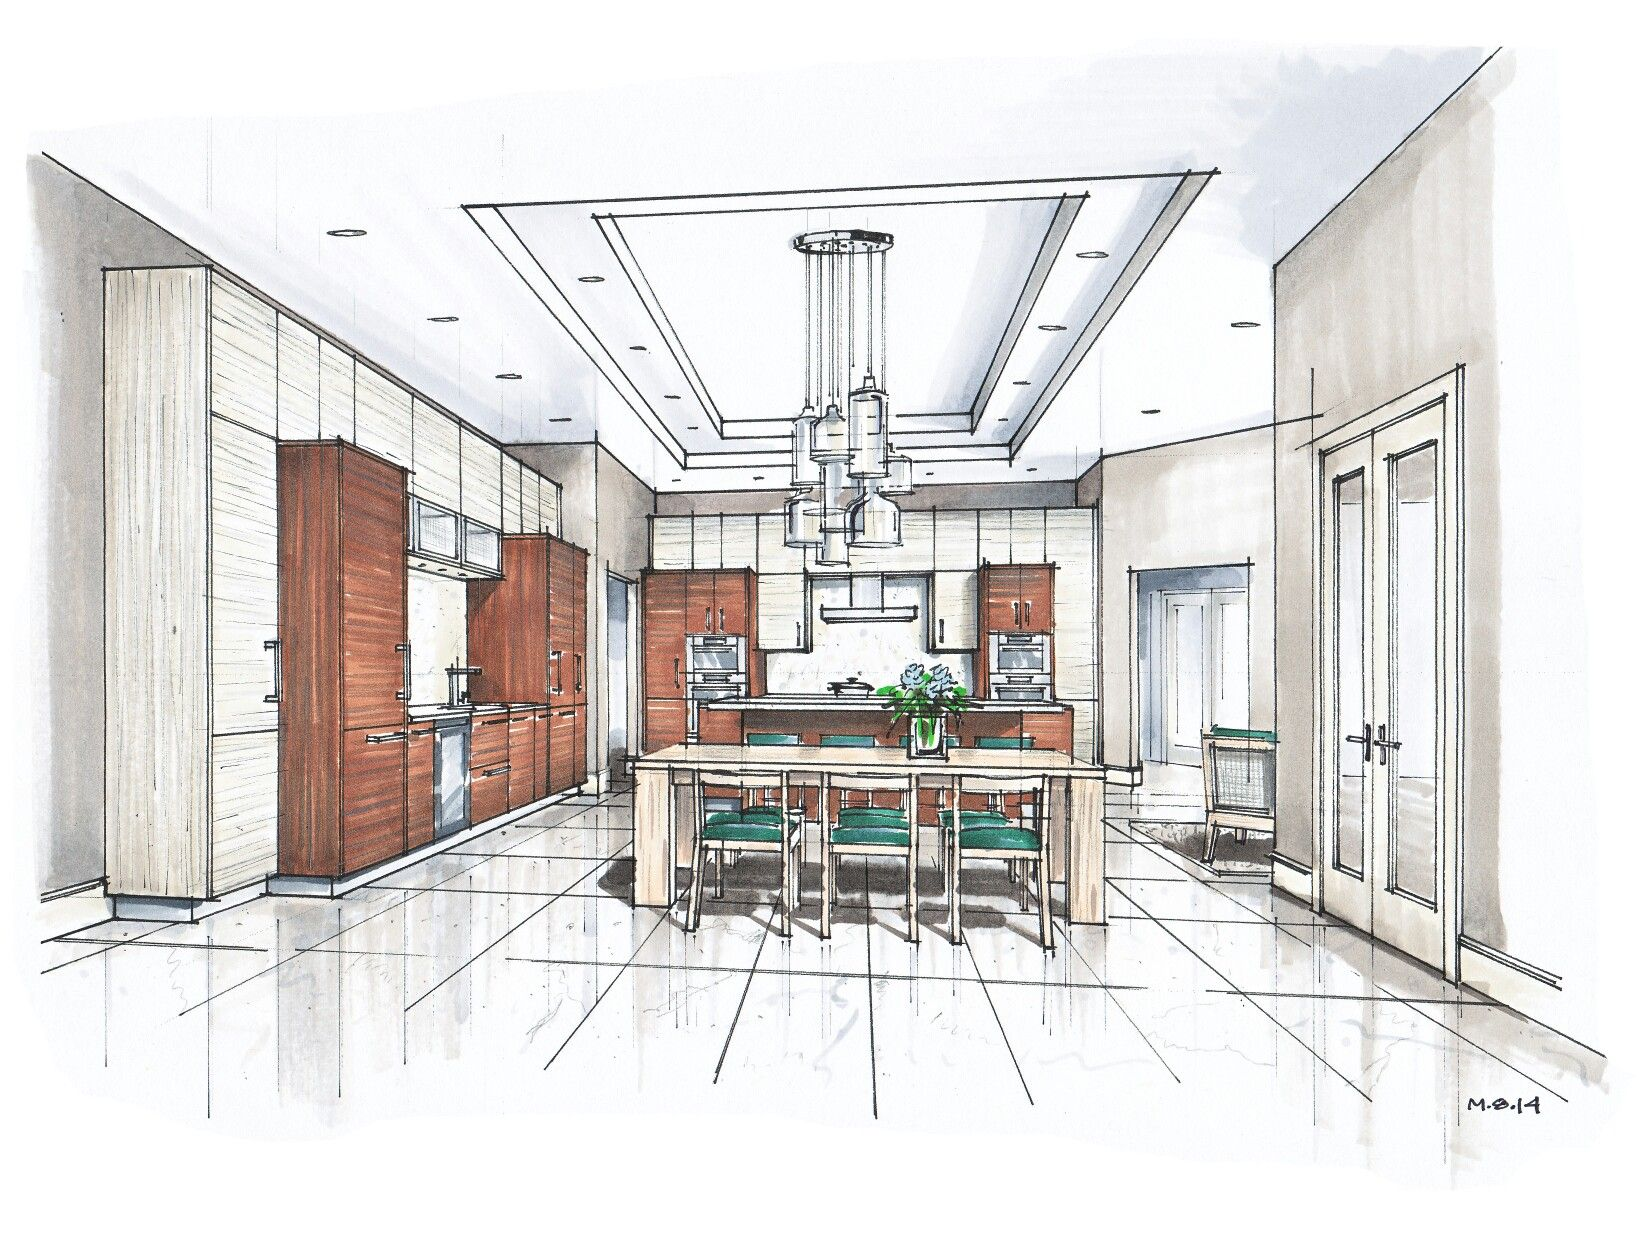 Perspectiva de interiores con tecnica de color - cocina   Watercolor ...